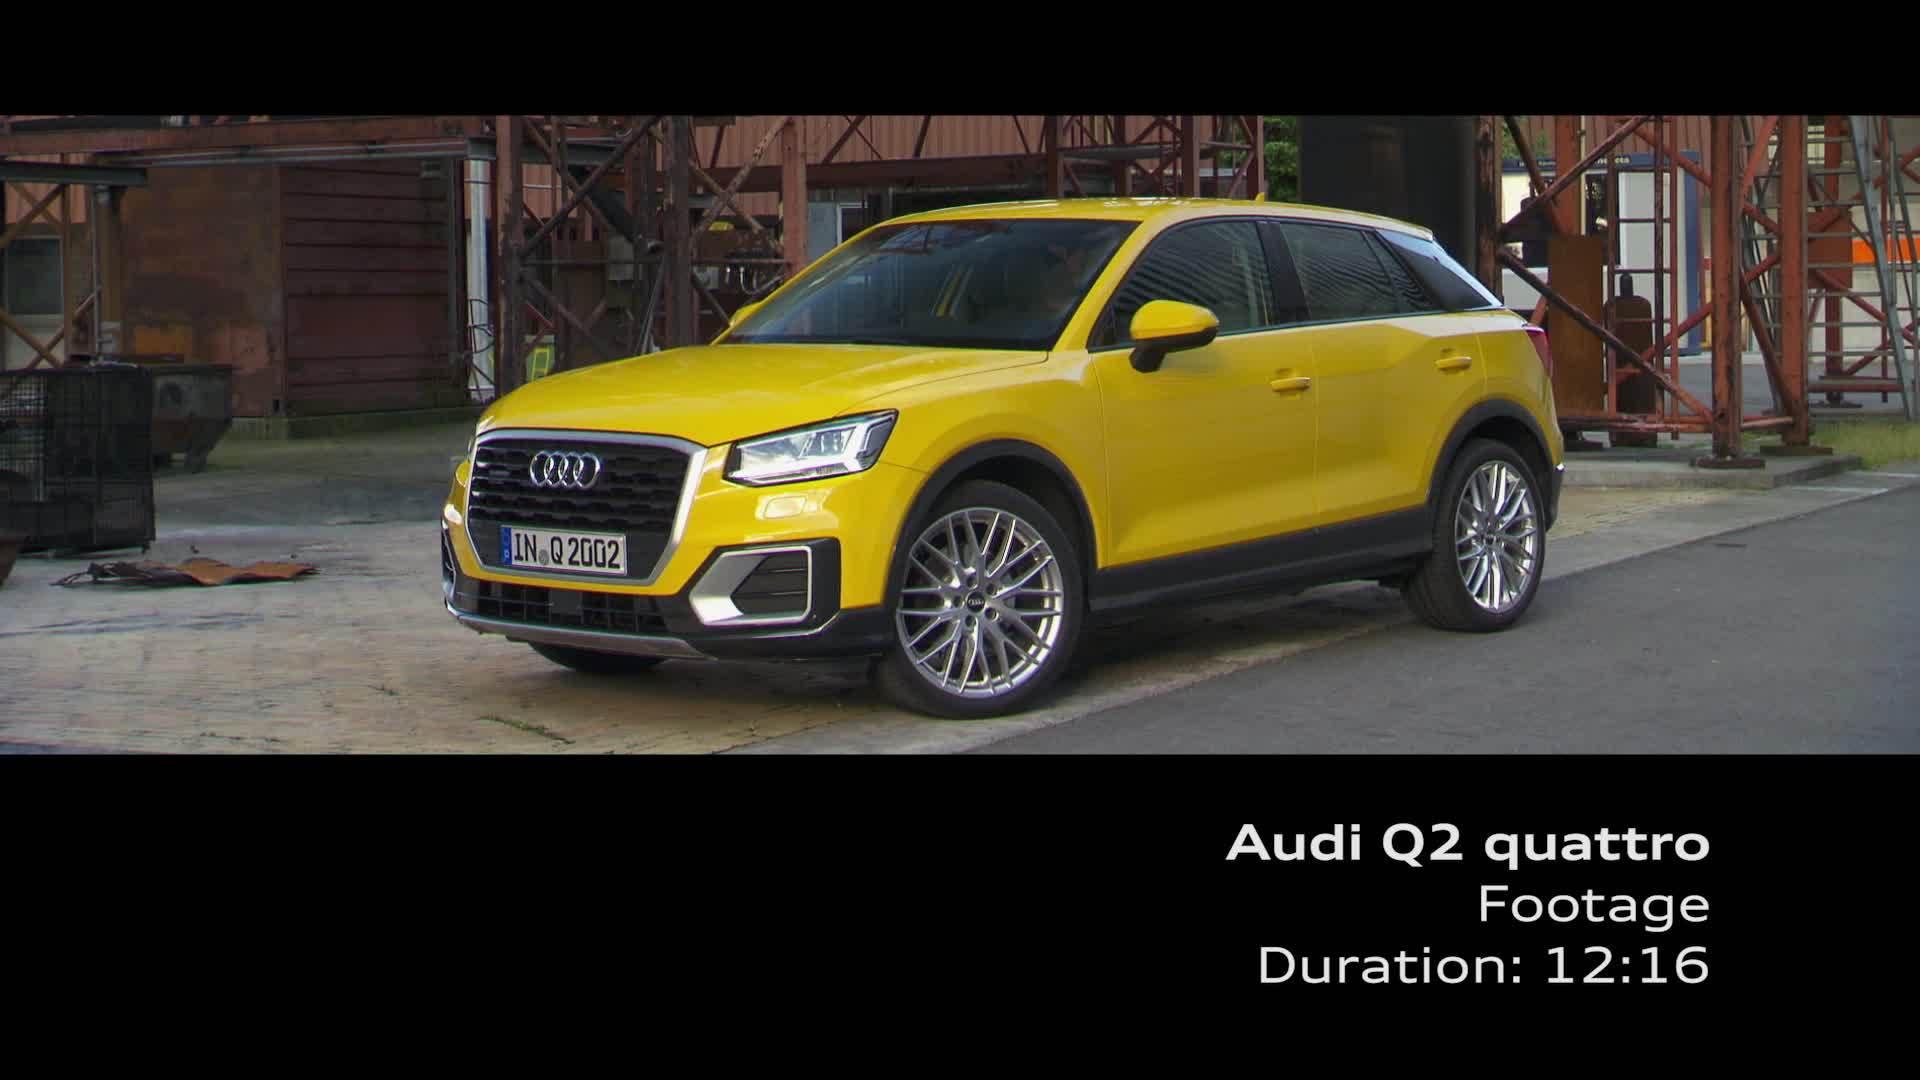 Audi Q2 - Footage on Location, Vegasgelb